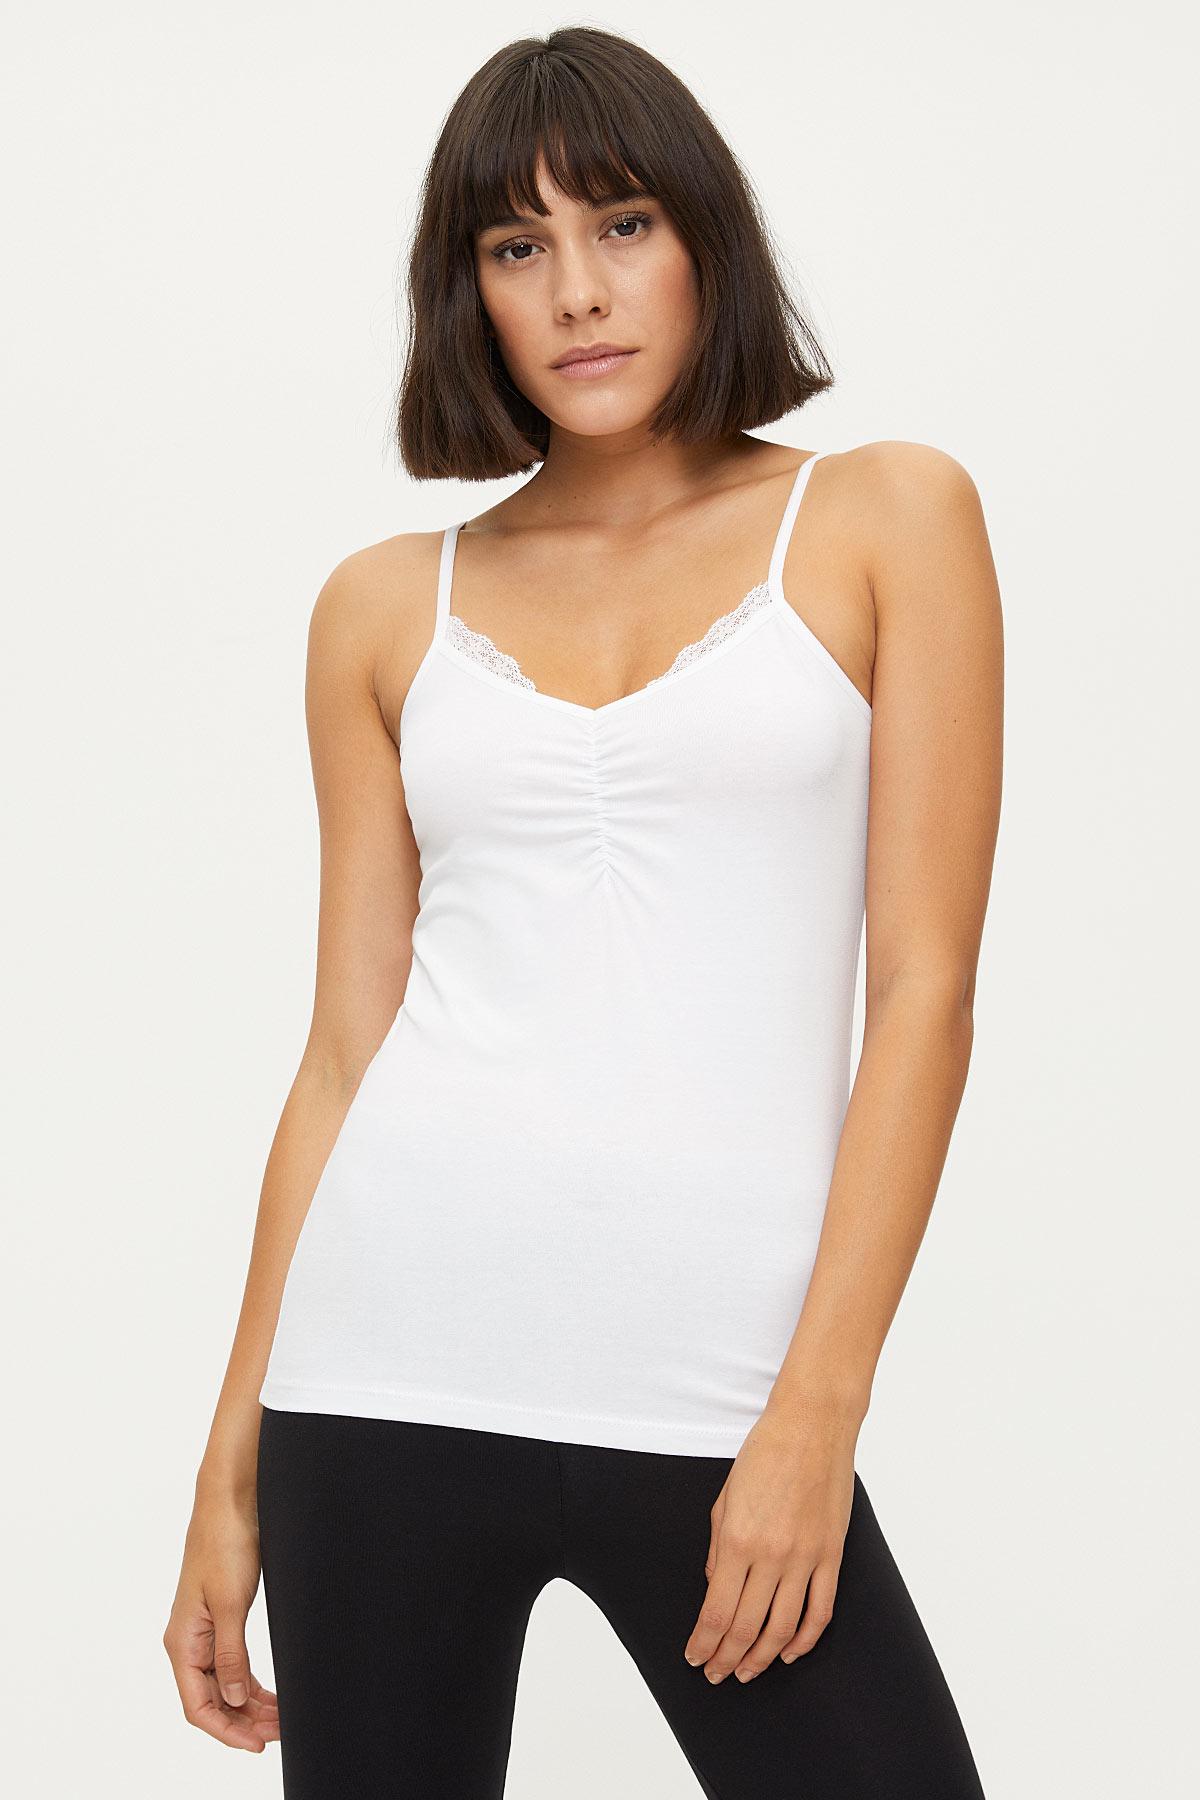 Bross - 1275 Lycra Strappy Lacy Damen Unterhemd